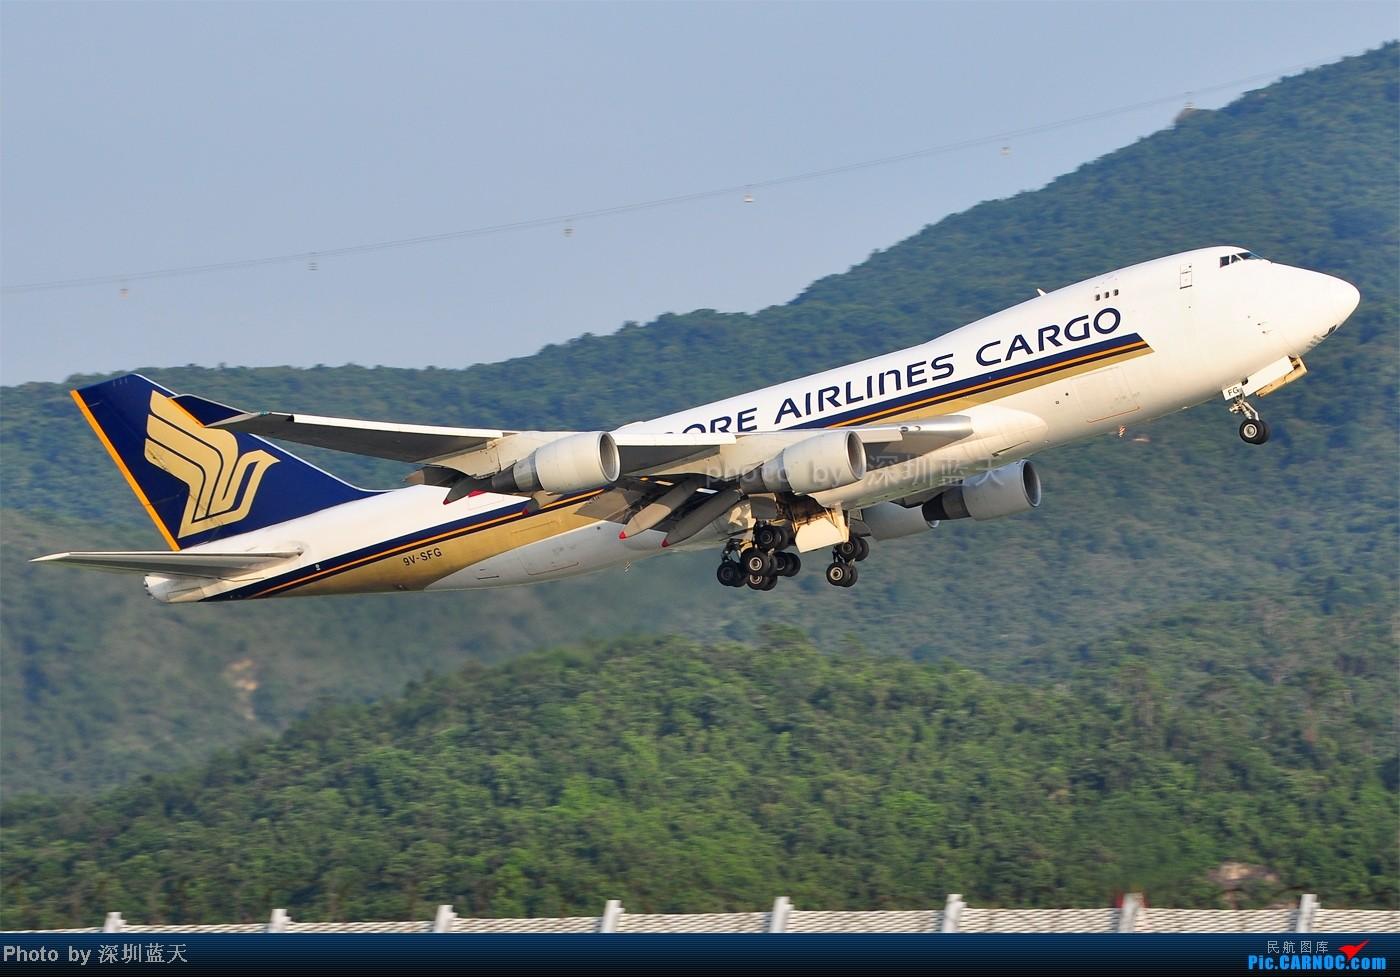 Re:[原创]【深圳飞友会】香港飞机维修区海堤起飞新拍—泰航A380斐济A330新装等 BOEING 747-412F/SCD 9V-SFG 中国香港赤鱲角国际机场